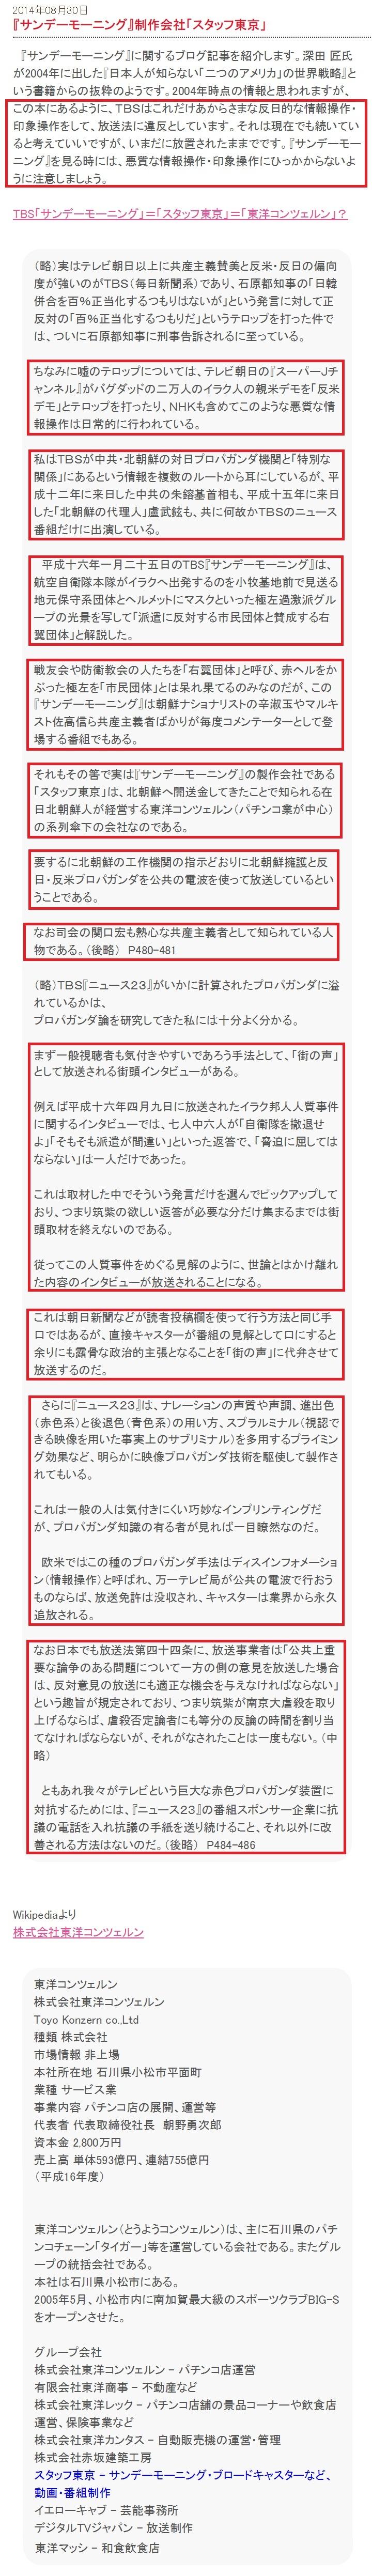 テレビ朝日やTBSは反日プロパガンダ放送局